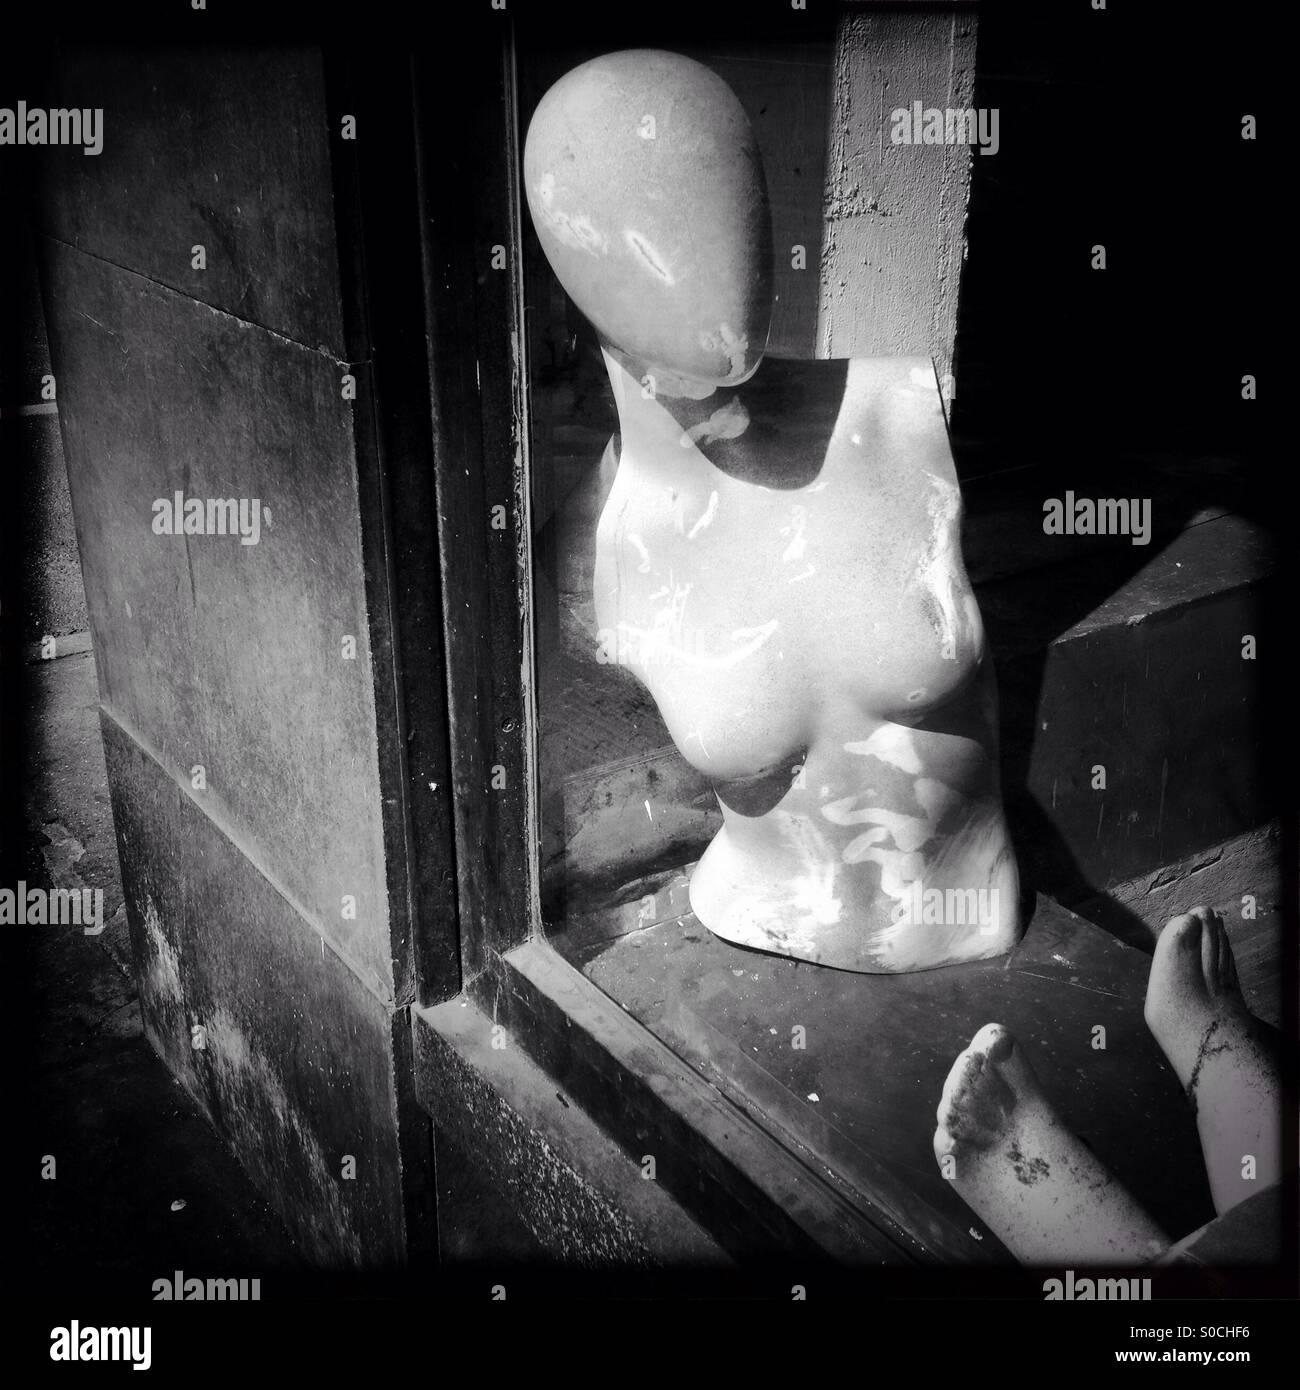 Dummy dummies Lay Figur Figuren Dekadenz Verfall aufgeben Shop Fenster Frau Figur Torso Amputation Amputee Tod Einsamkeit Stockbild